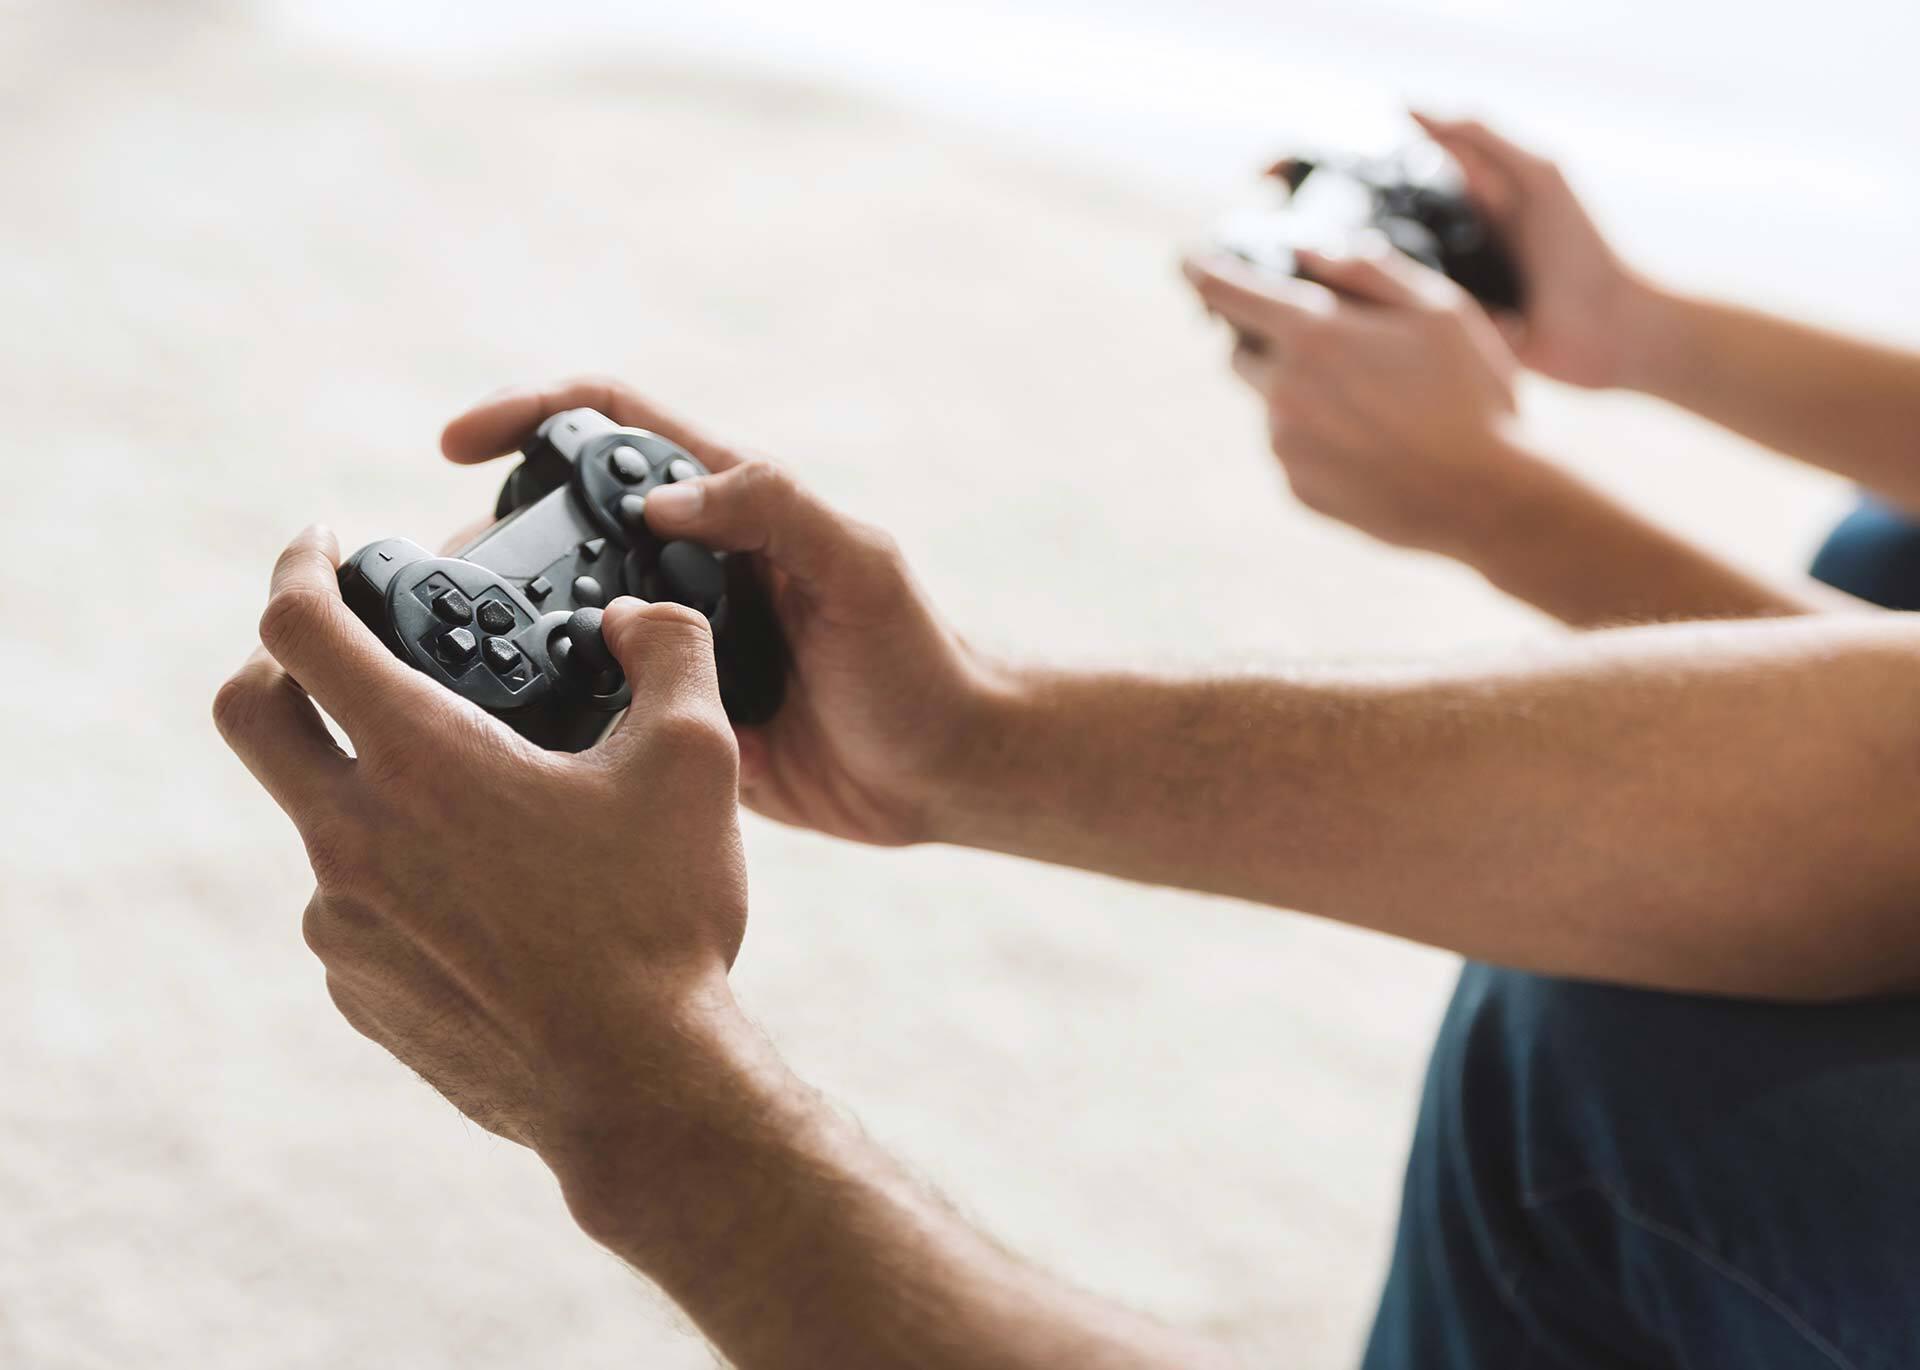 Jak sprzedawać gry komputerowe i akcesoria dla graczy